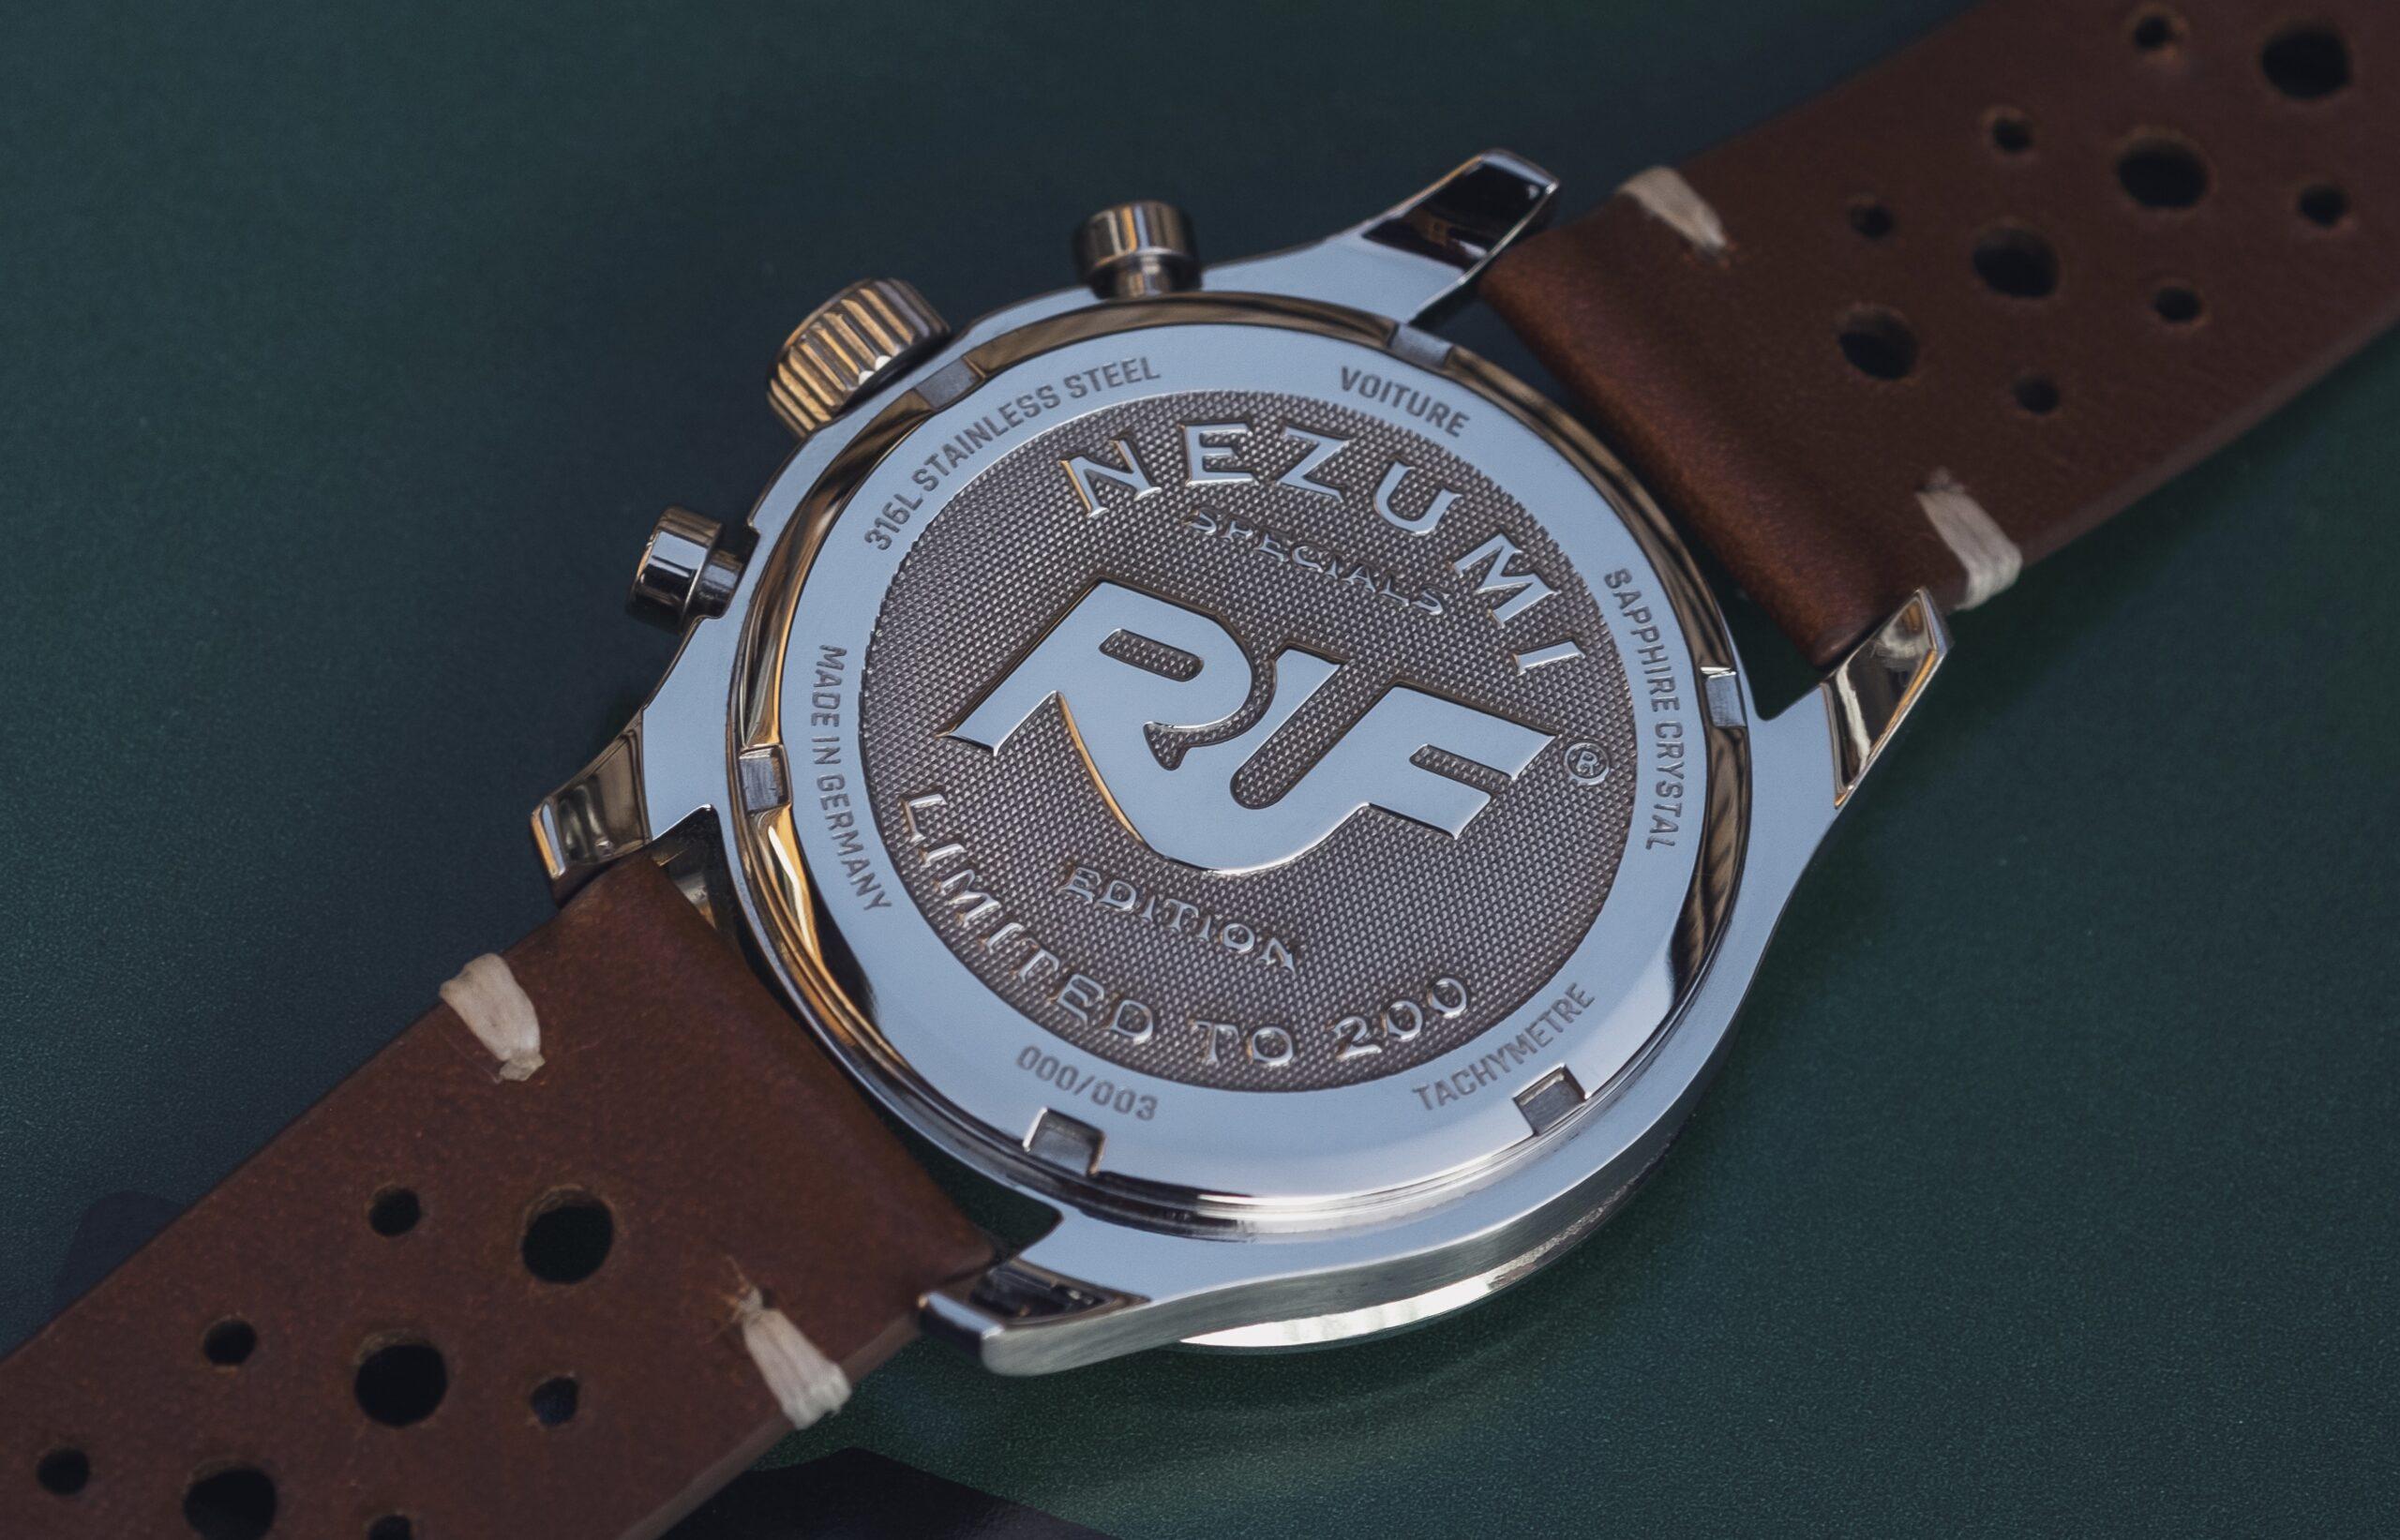 NEZUMI X RUF Voiture chronograph ref. VQ2S.901